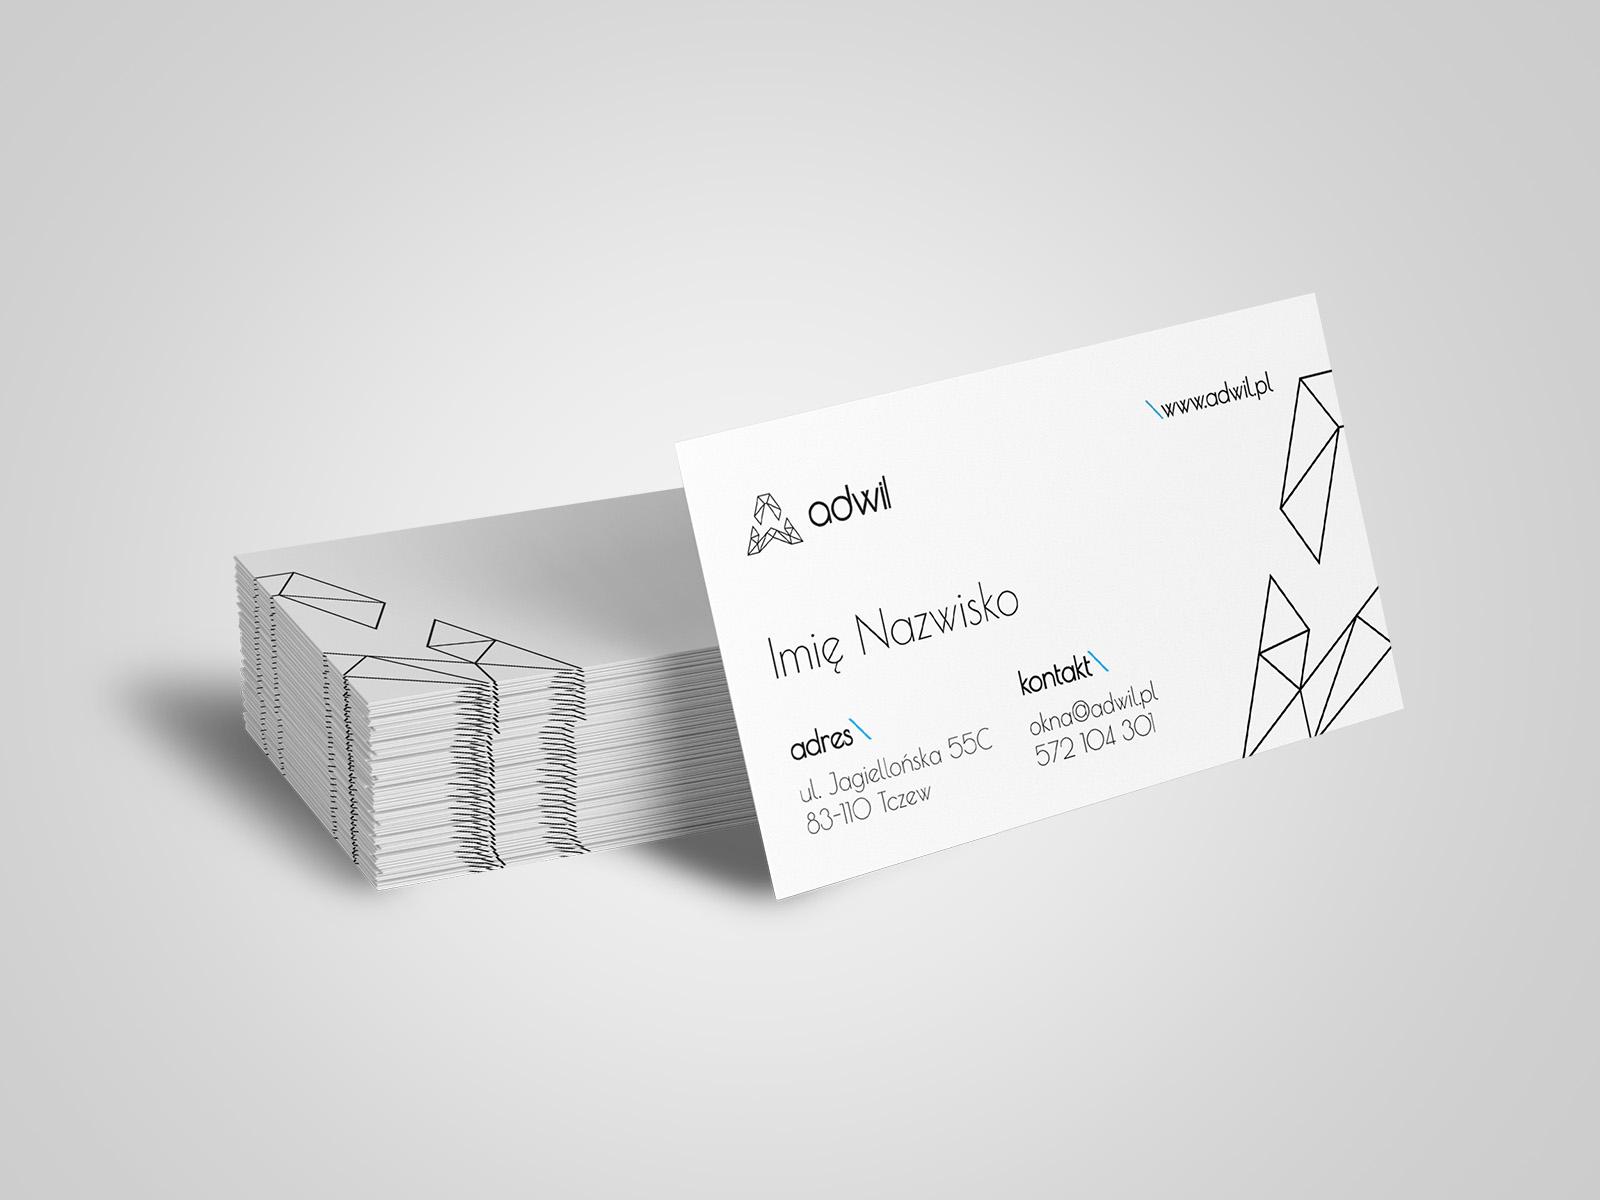 Projekt graficzny wizytówki dla firmy Adwil